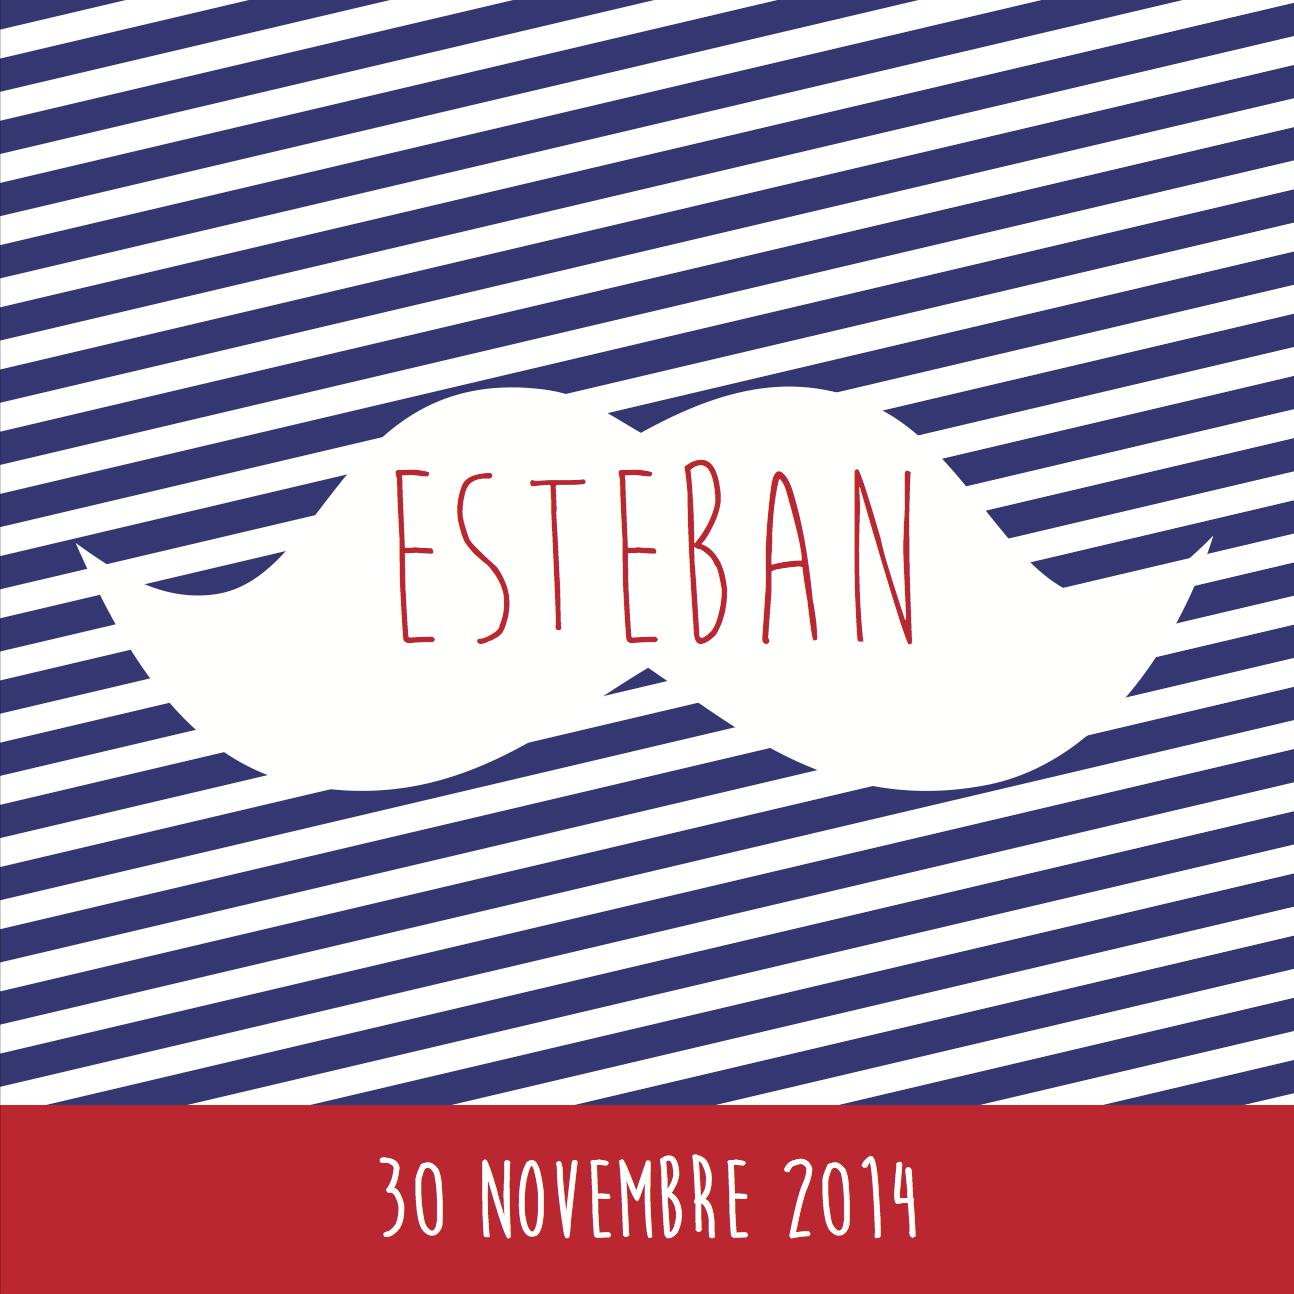 Esteban recto 1